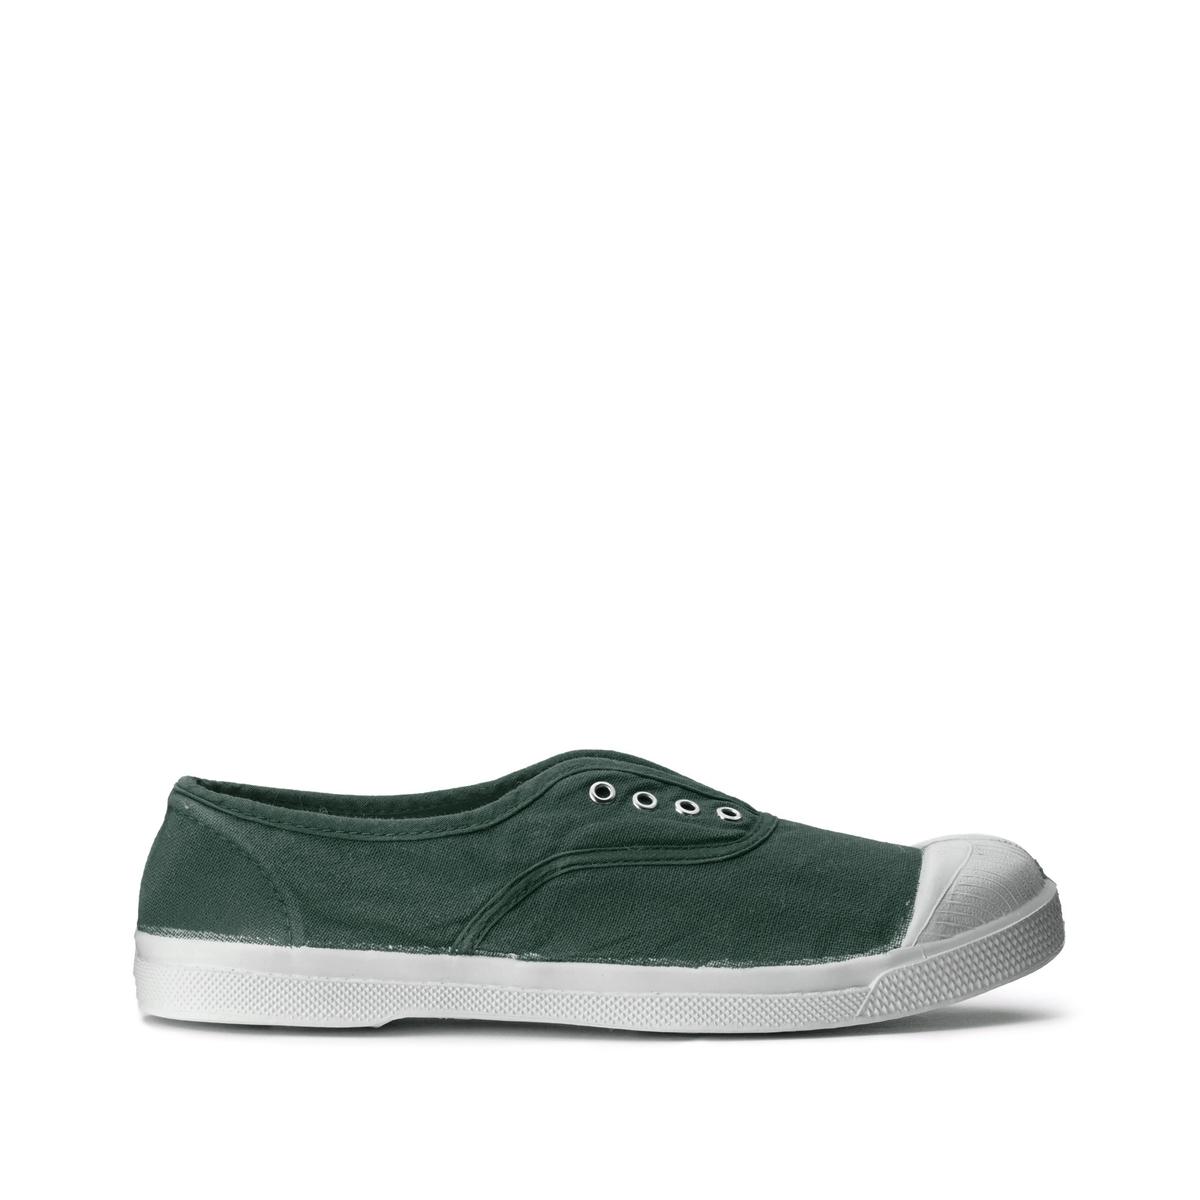 Zapatillas Elly